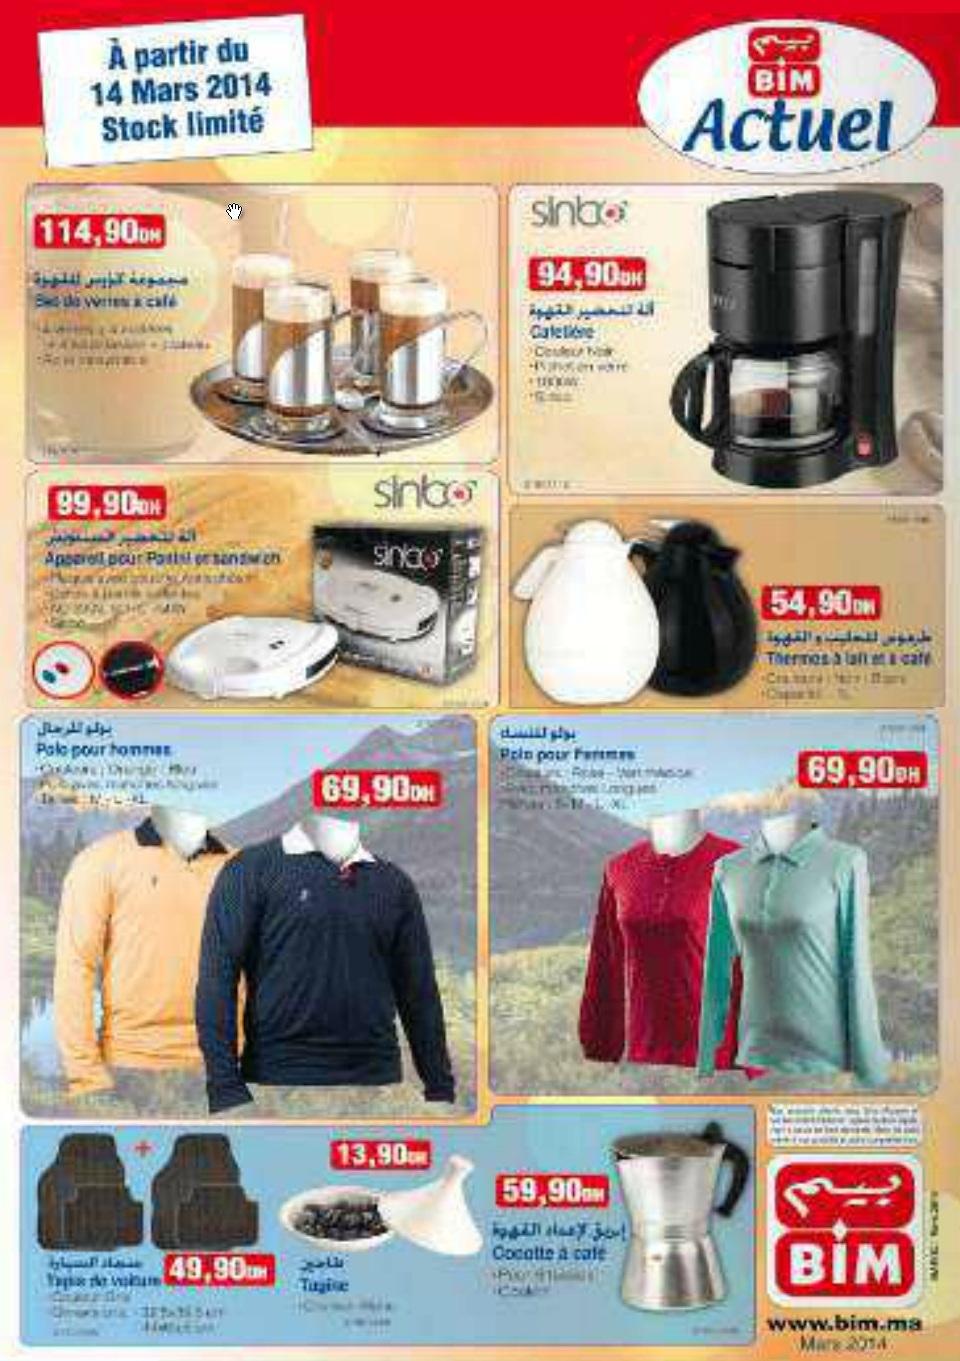 d pliant bim offres soldes a partir du 14 mars 2014 promotion au maroc. Black Bedroom Furniture Sets. Home Design Ideas